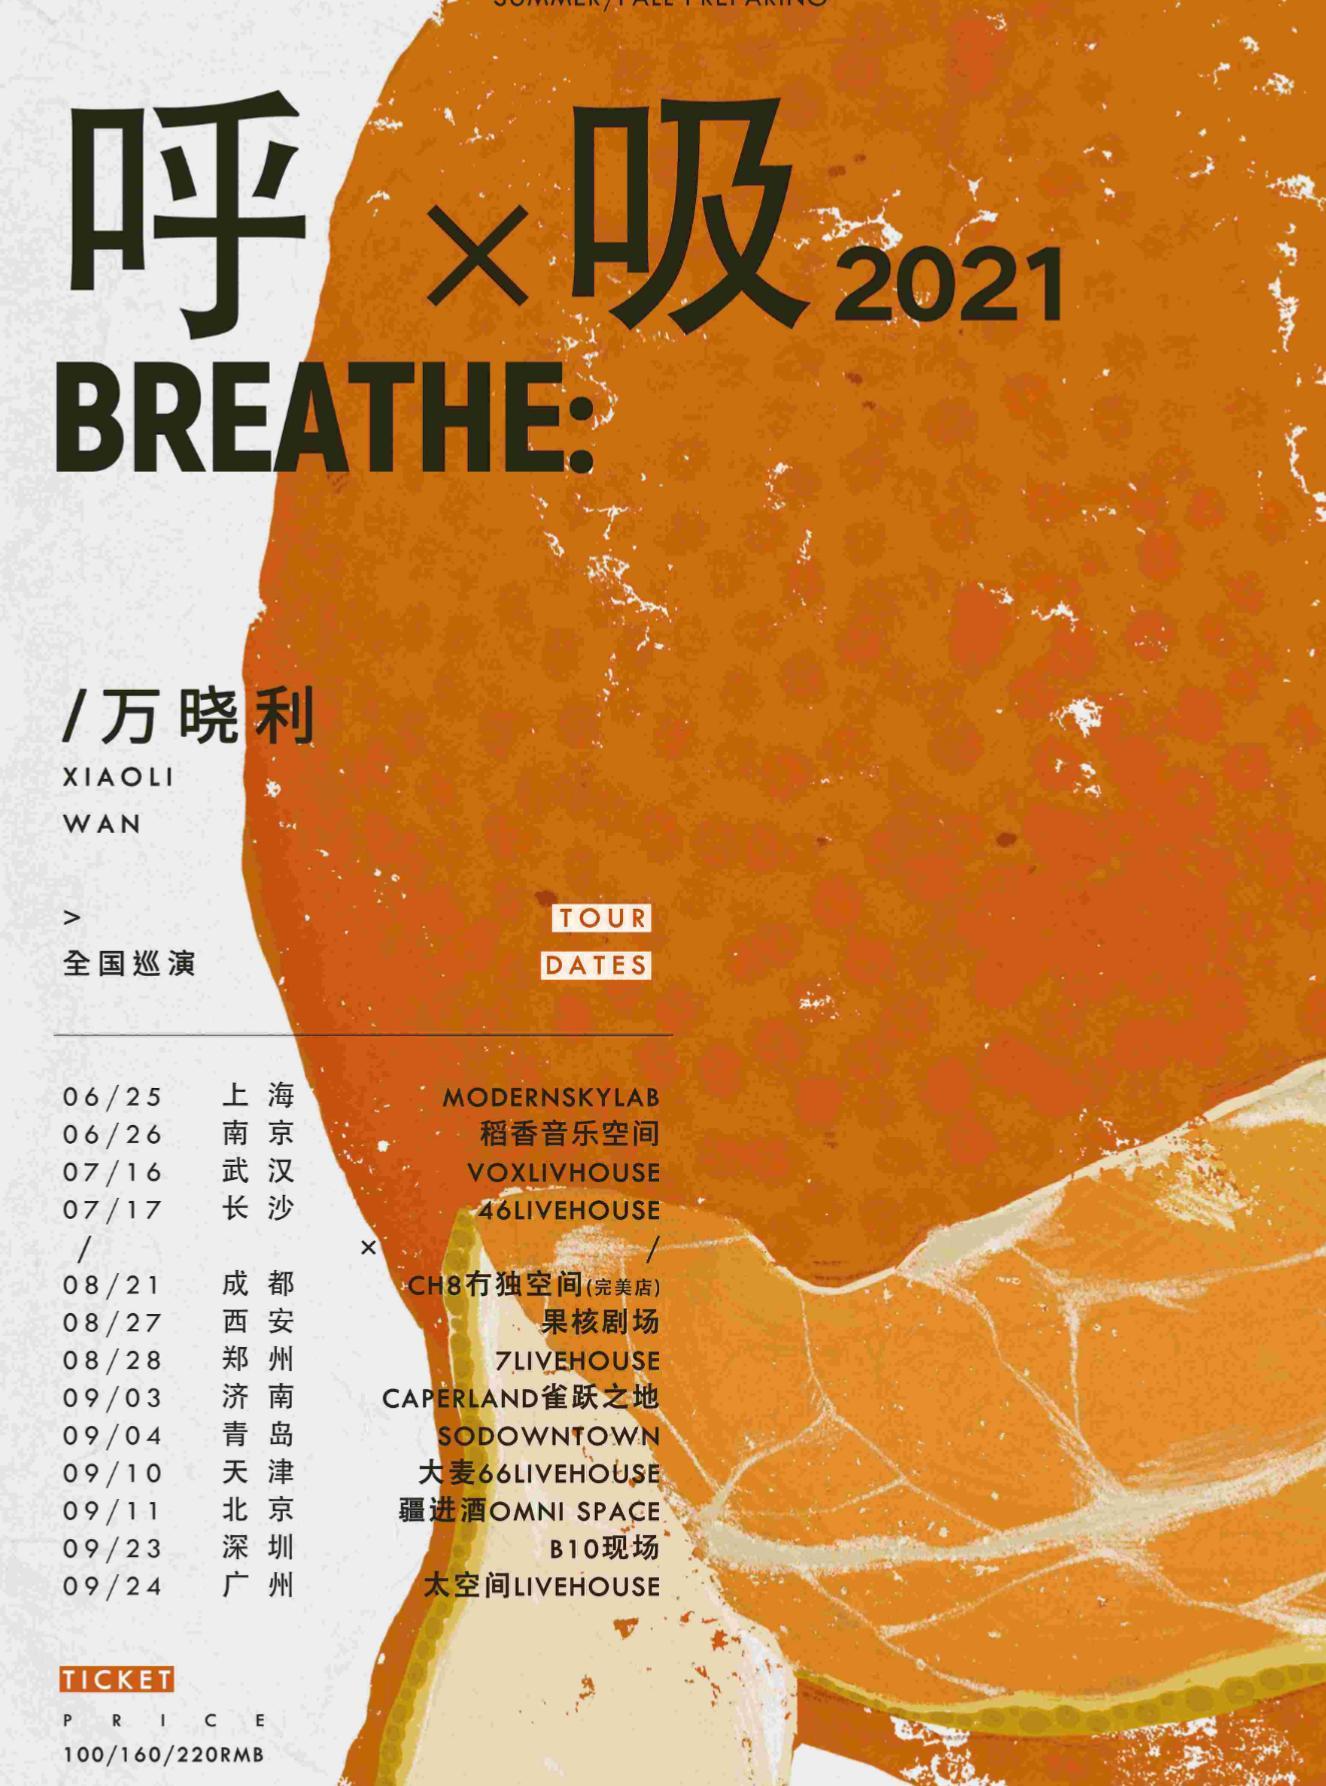 「万晓利」《呼吸2021》全国巡演